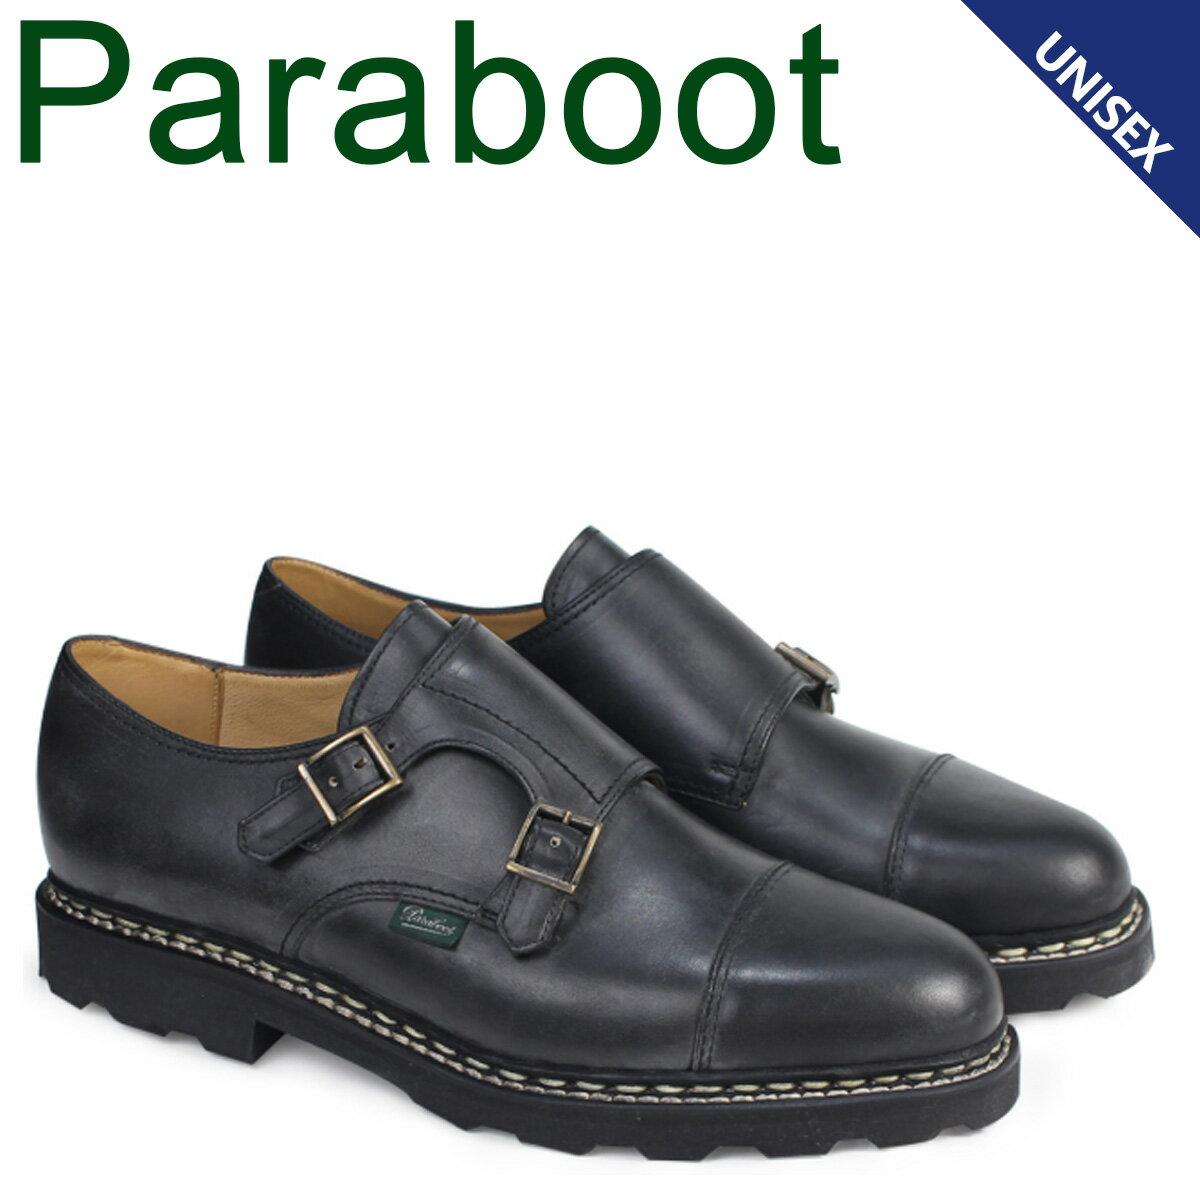 パラブーツ ウィリアム PARABOOT WILLIAM シューズ ダブルモンクシューズ 981412 メンズ レディース ブラック